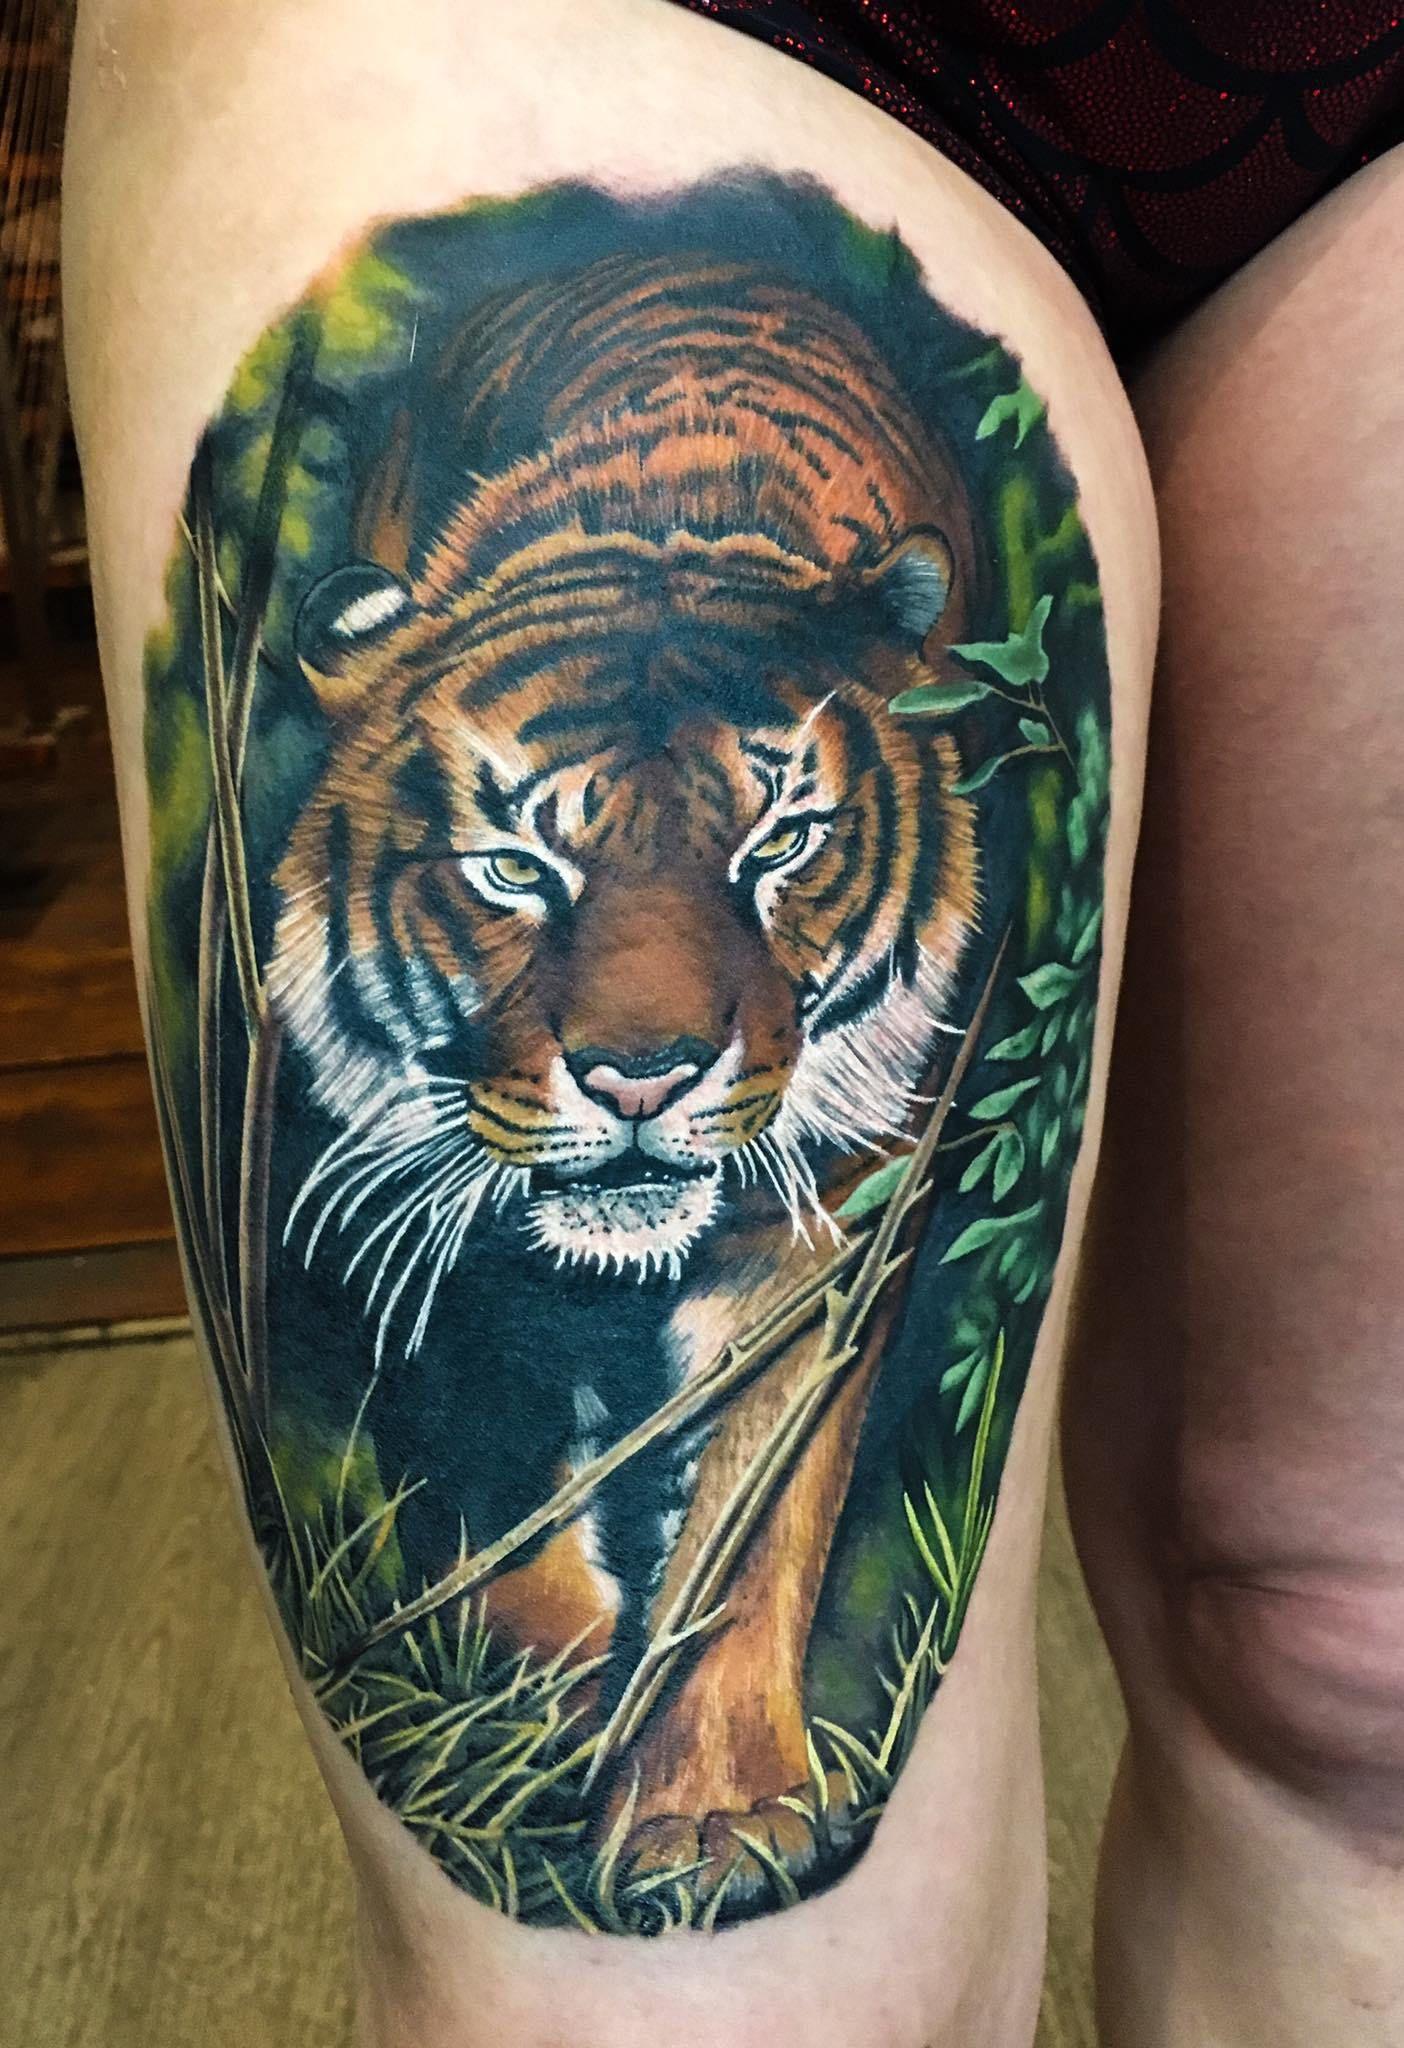 Tattoo Artist In Cheltenham Jen Sterry No Regrets Realism Tattoo Tattoo Artists Animal Tattoos